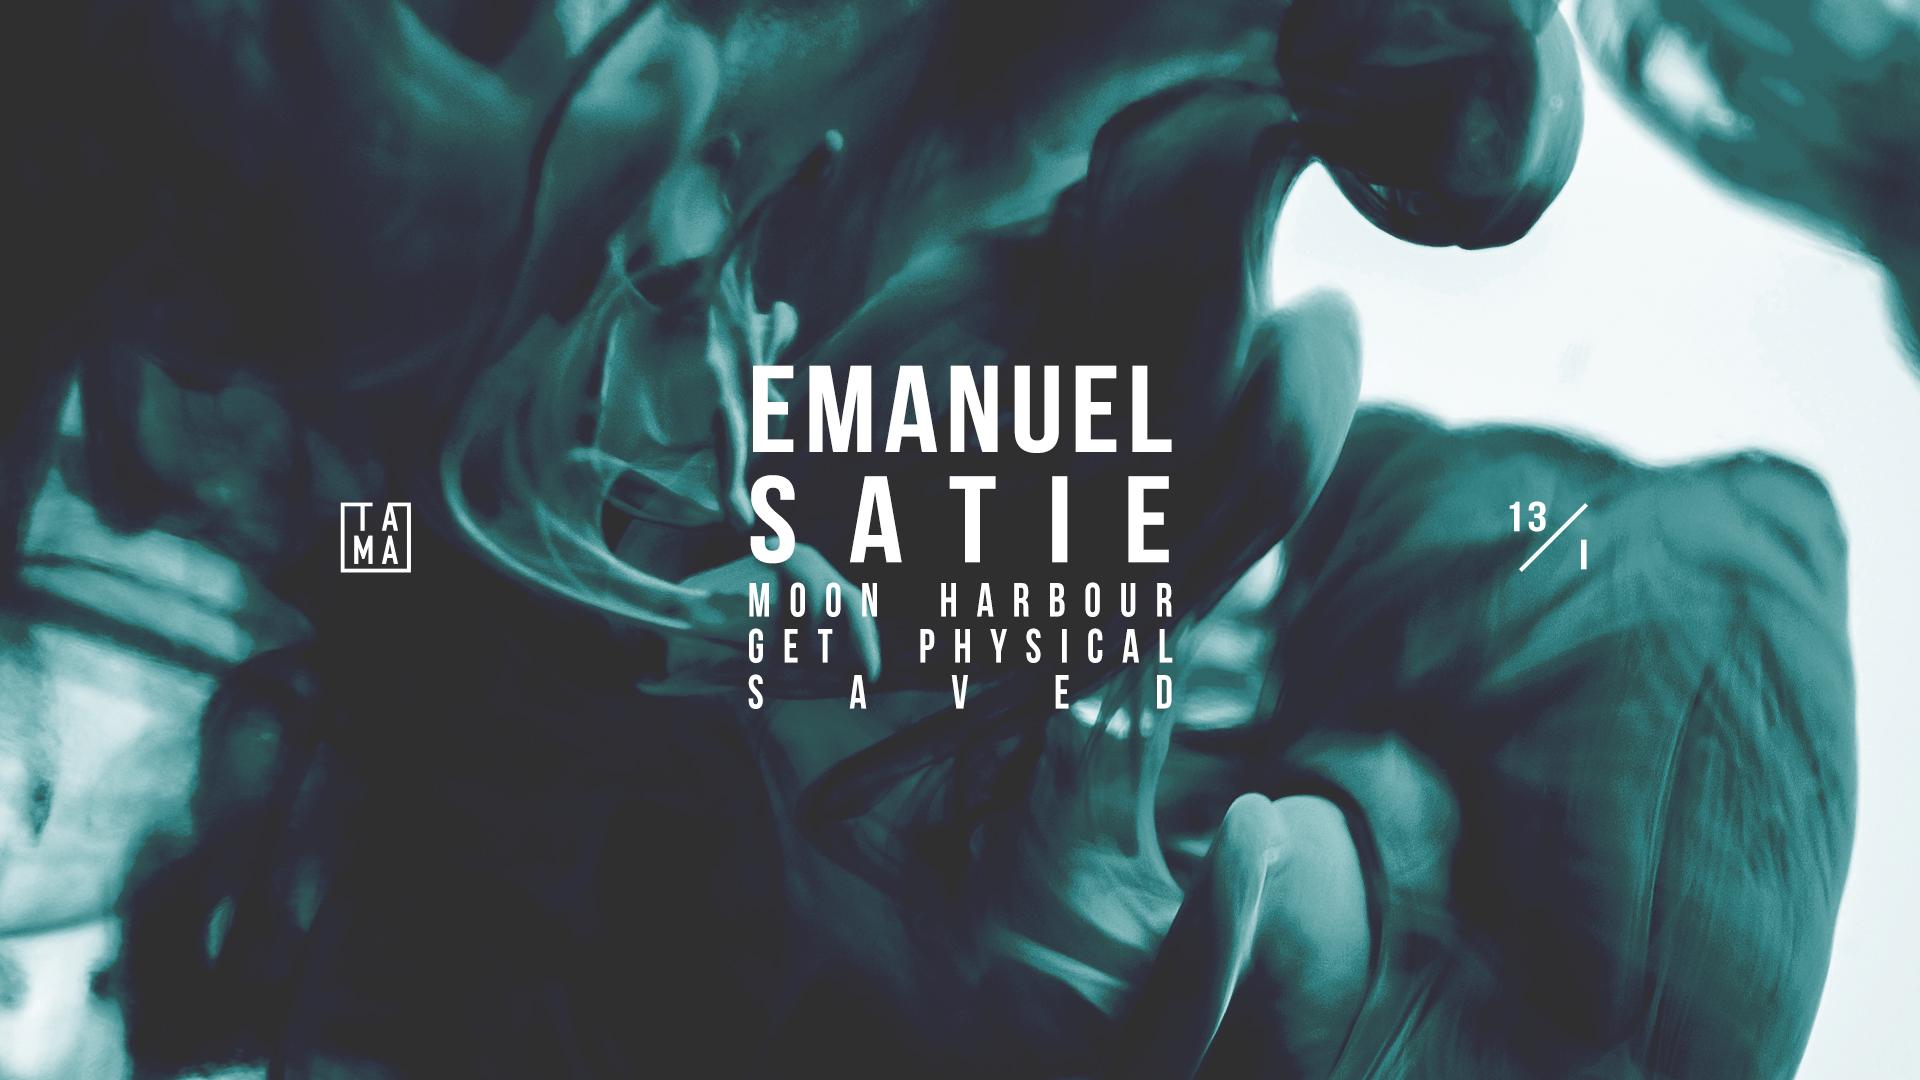 Emanuel Satie / Arcode / Basen